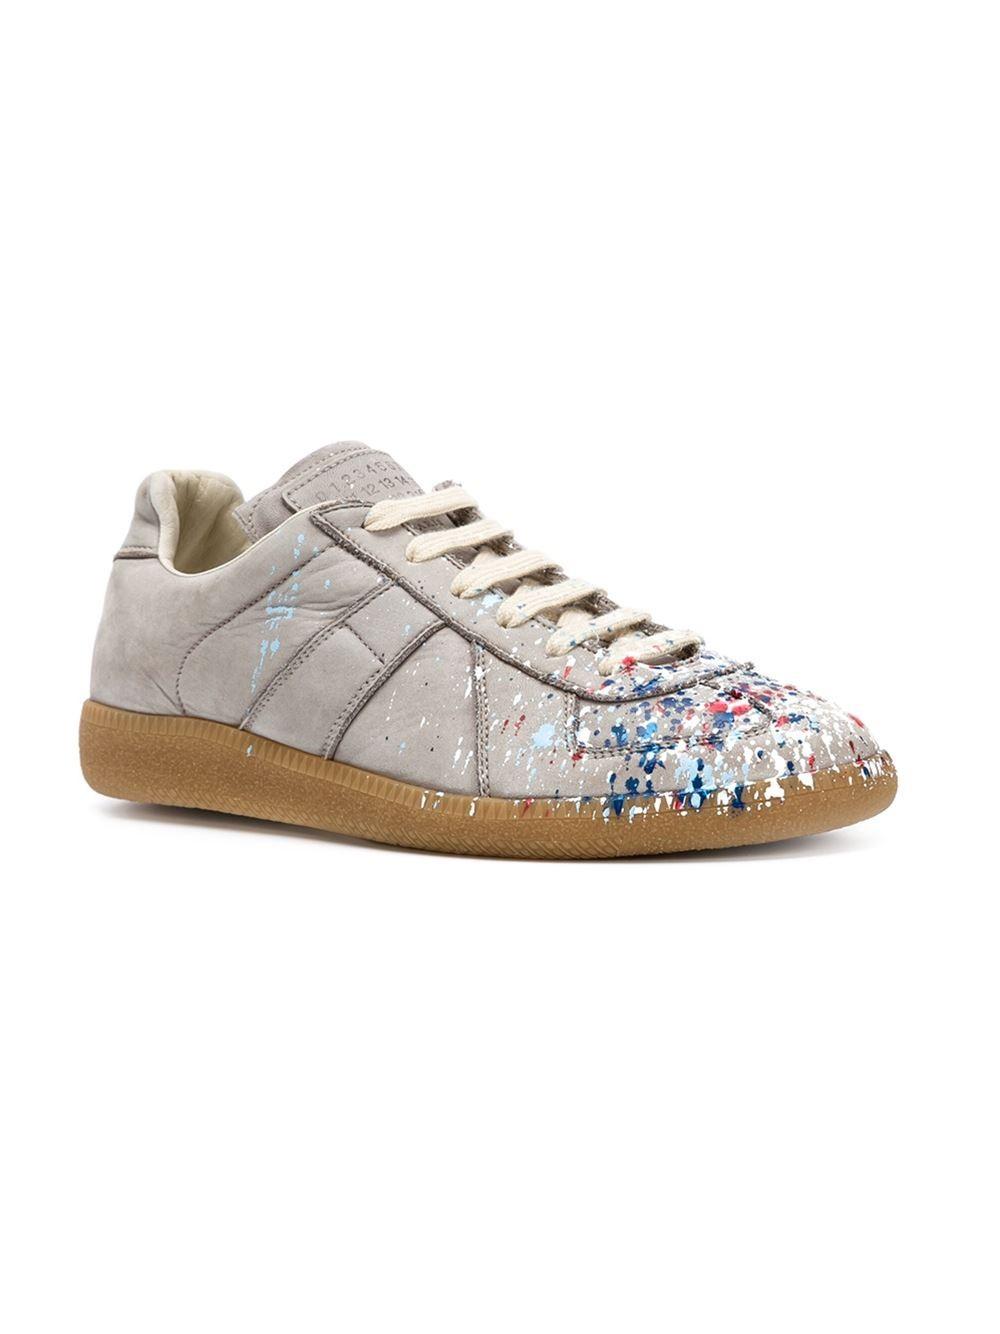 Maison margiela 'replica' Sneakers in Beige | Lyst